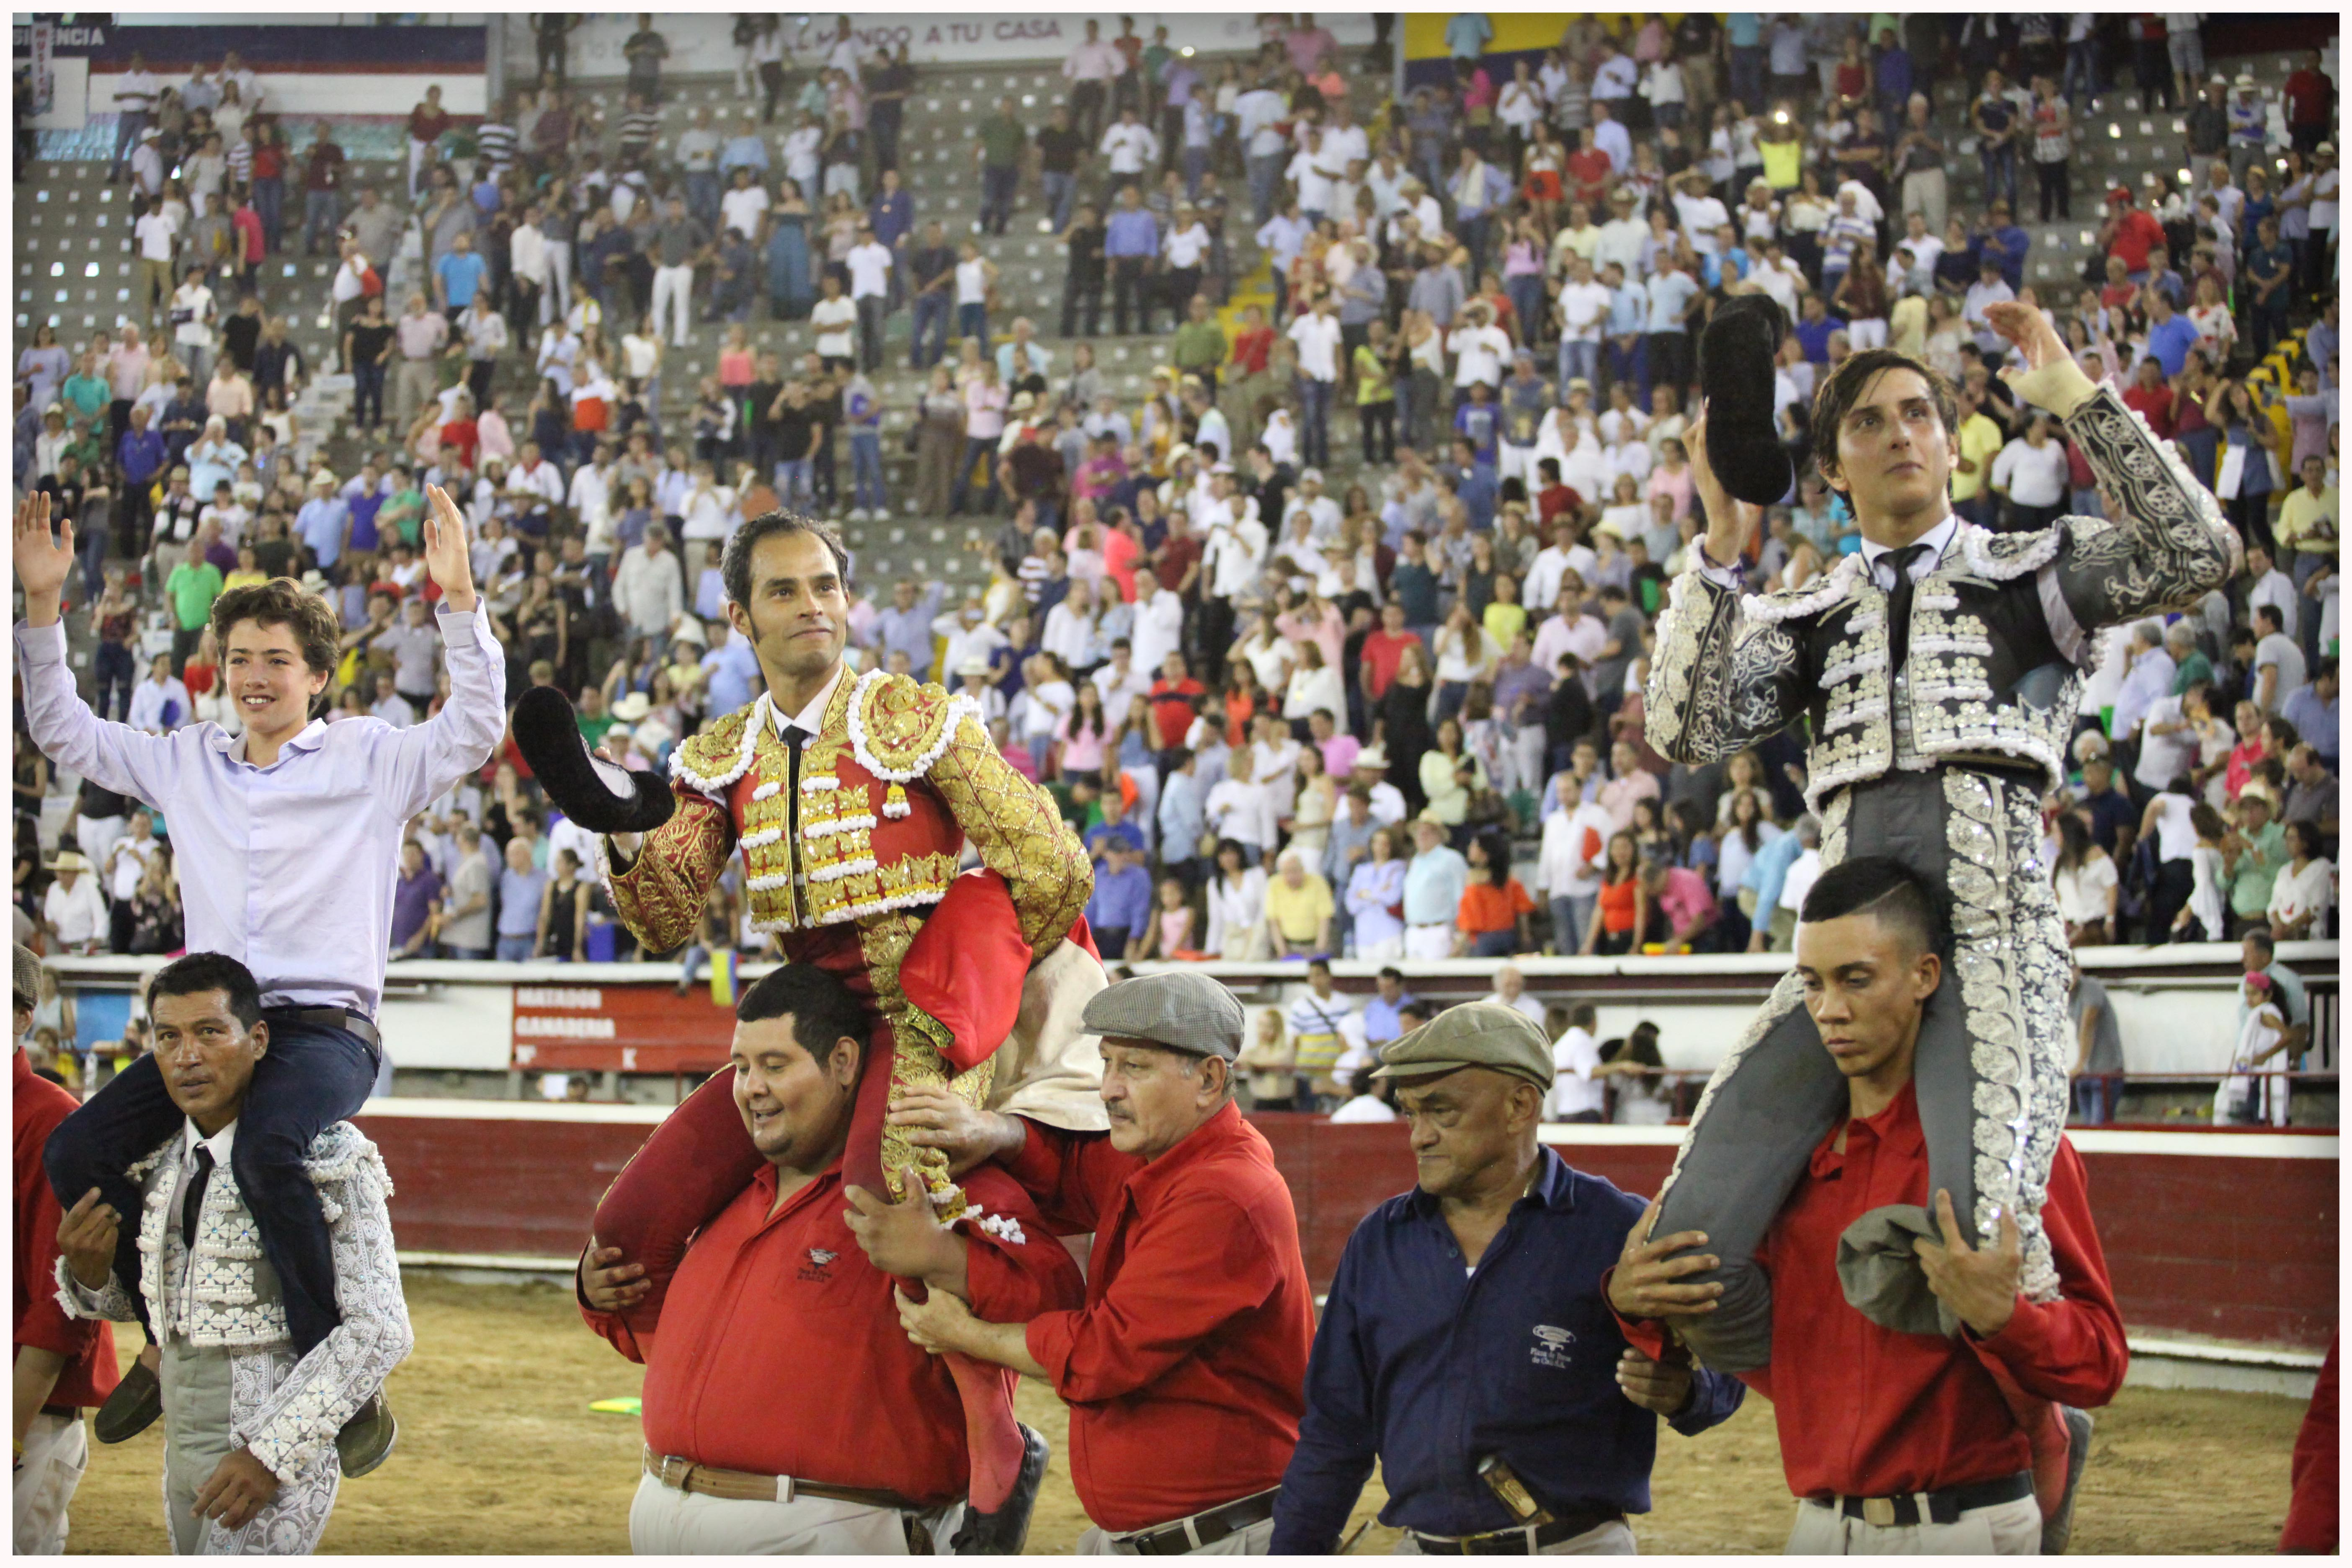 CALI Castella, cuatro orejas. Bolivar y Roca Rey, dos